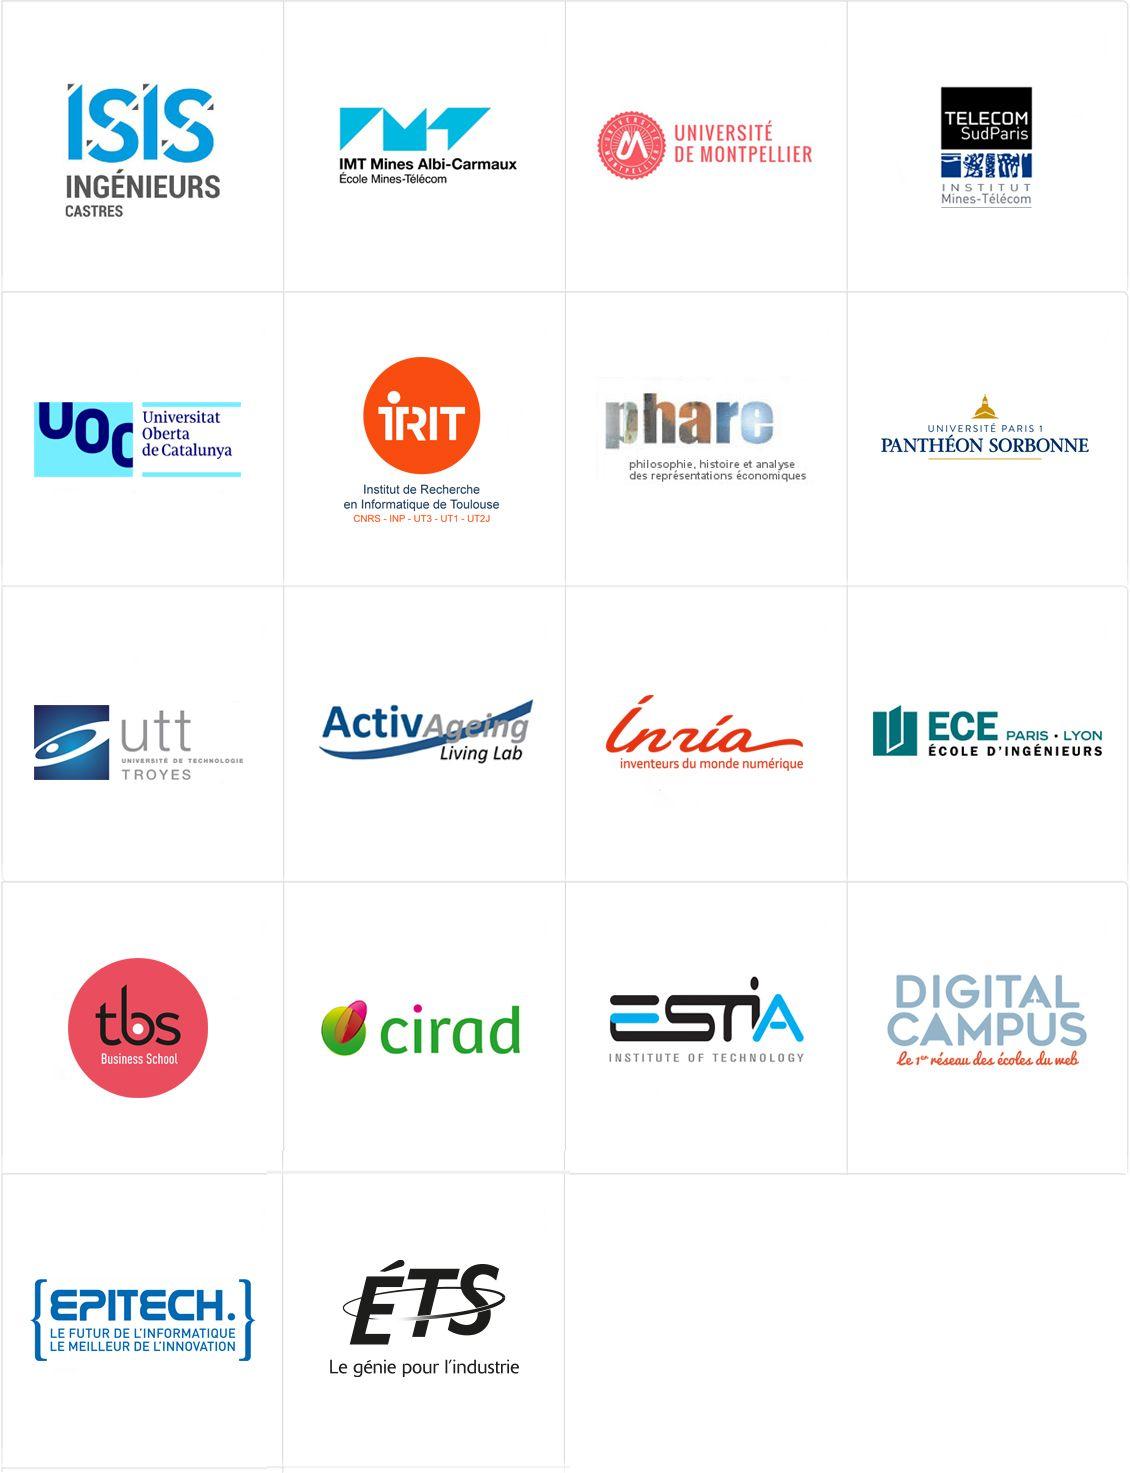 Liste des écoles et universités partenaires.